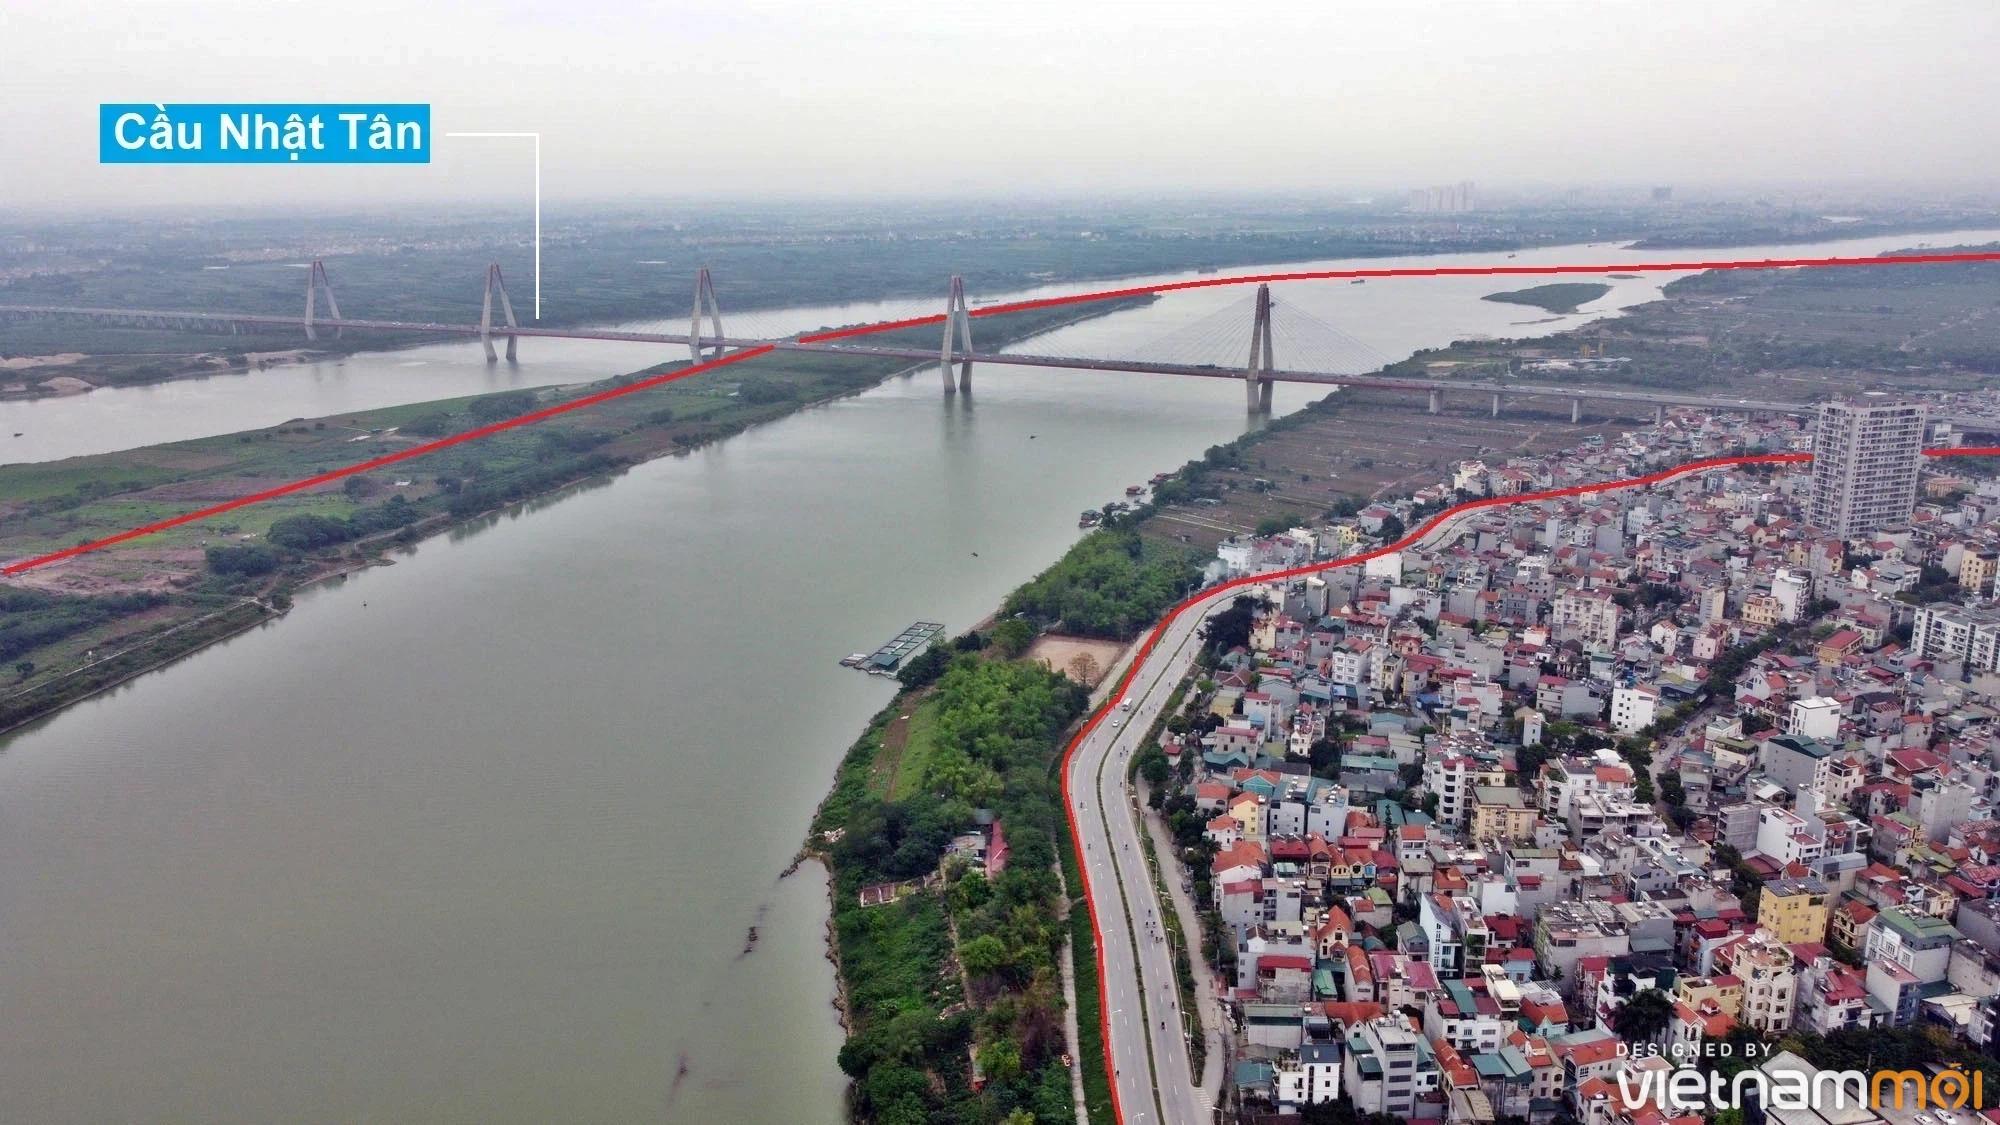 Toàn cảnh hiện trạng Phân khu đô thị sông Hồng trên địa bàn quận Tây Hồ - Ảnh 11.